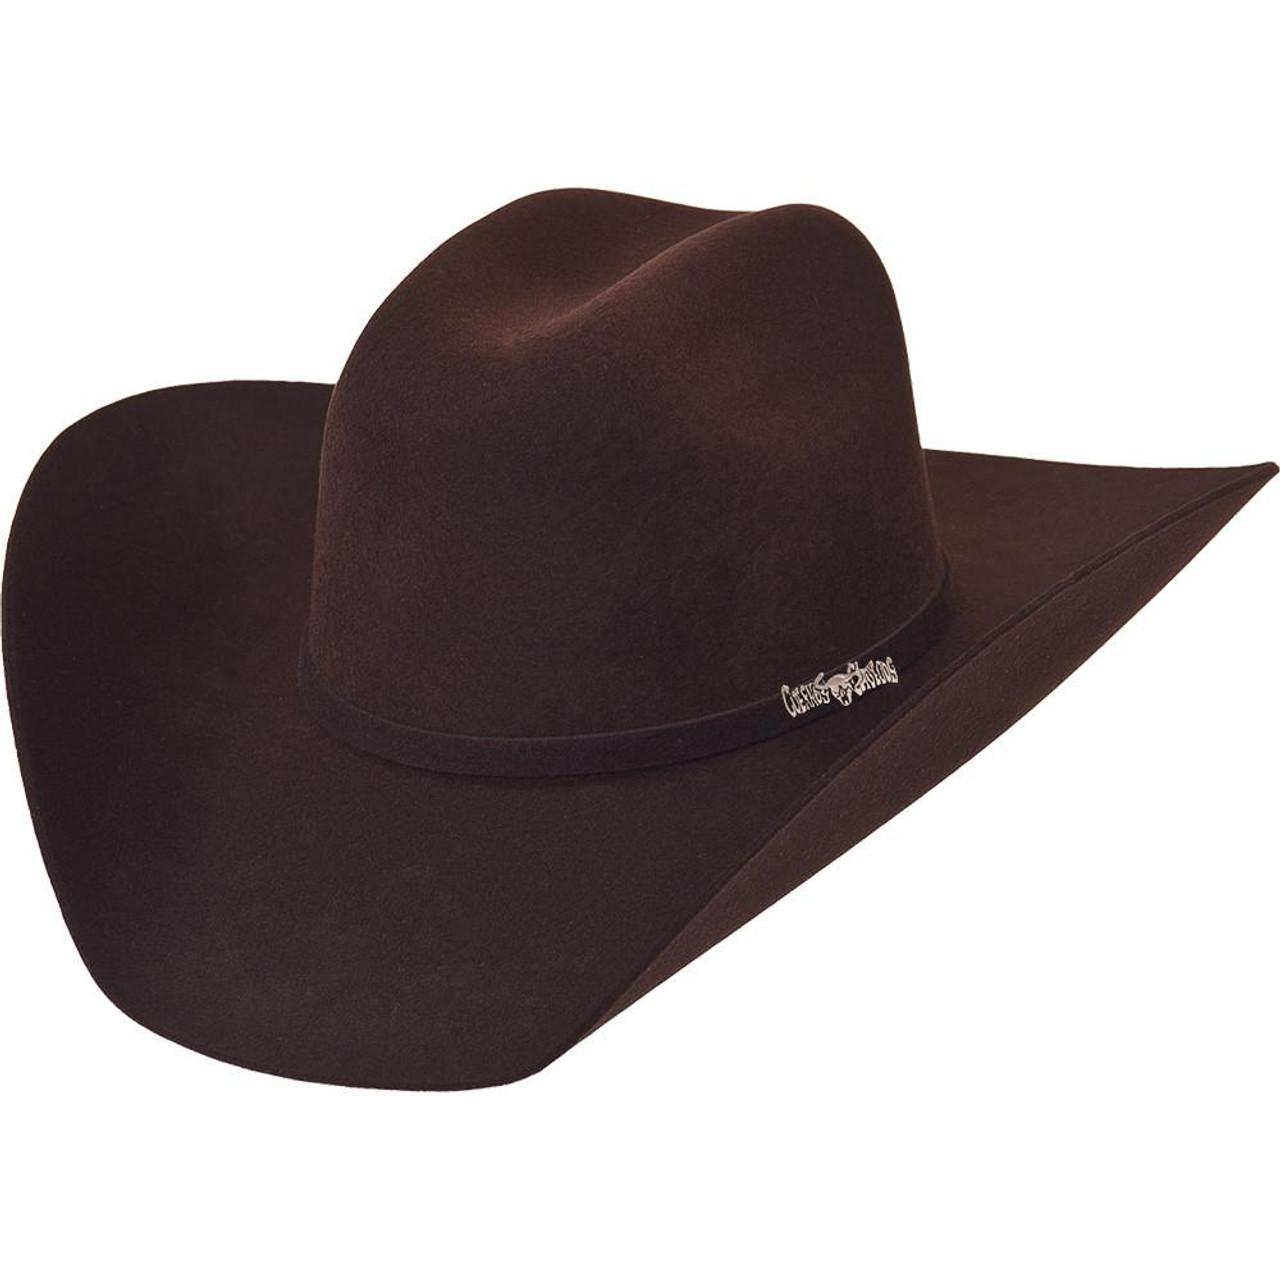 RRango Hats 6X Caporal Fur Felt Hat Color Brown